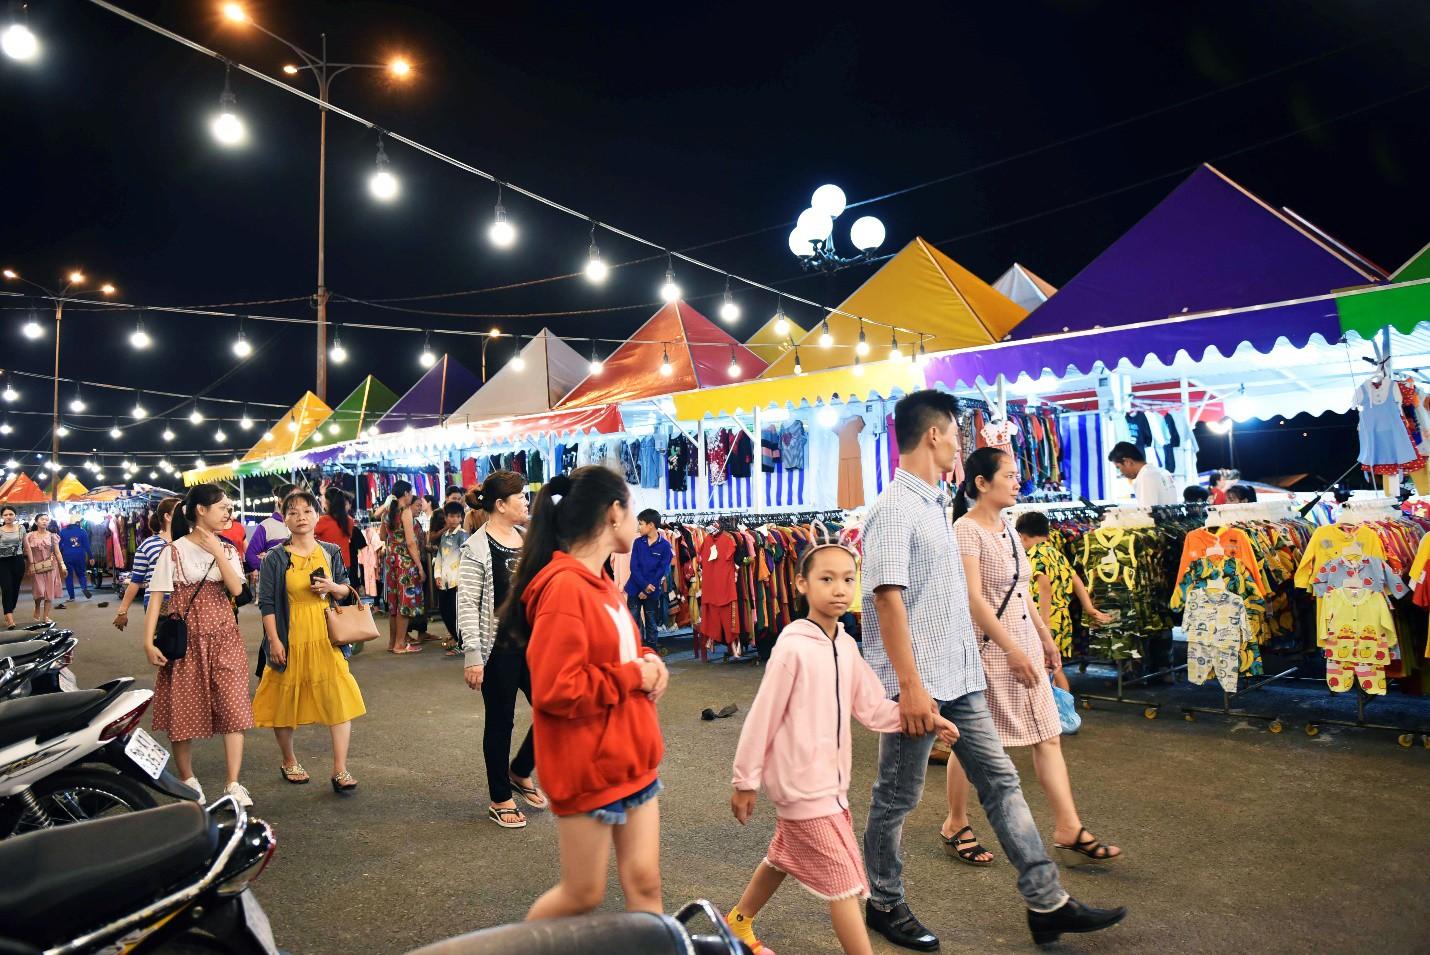 Vừa khai trương, chợ đêm Ha Tien Night Market bất ngờ lọt top điểm đến hấp dẫn phía Nam - Ảnh 7.